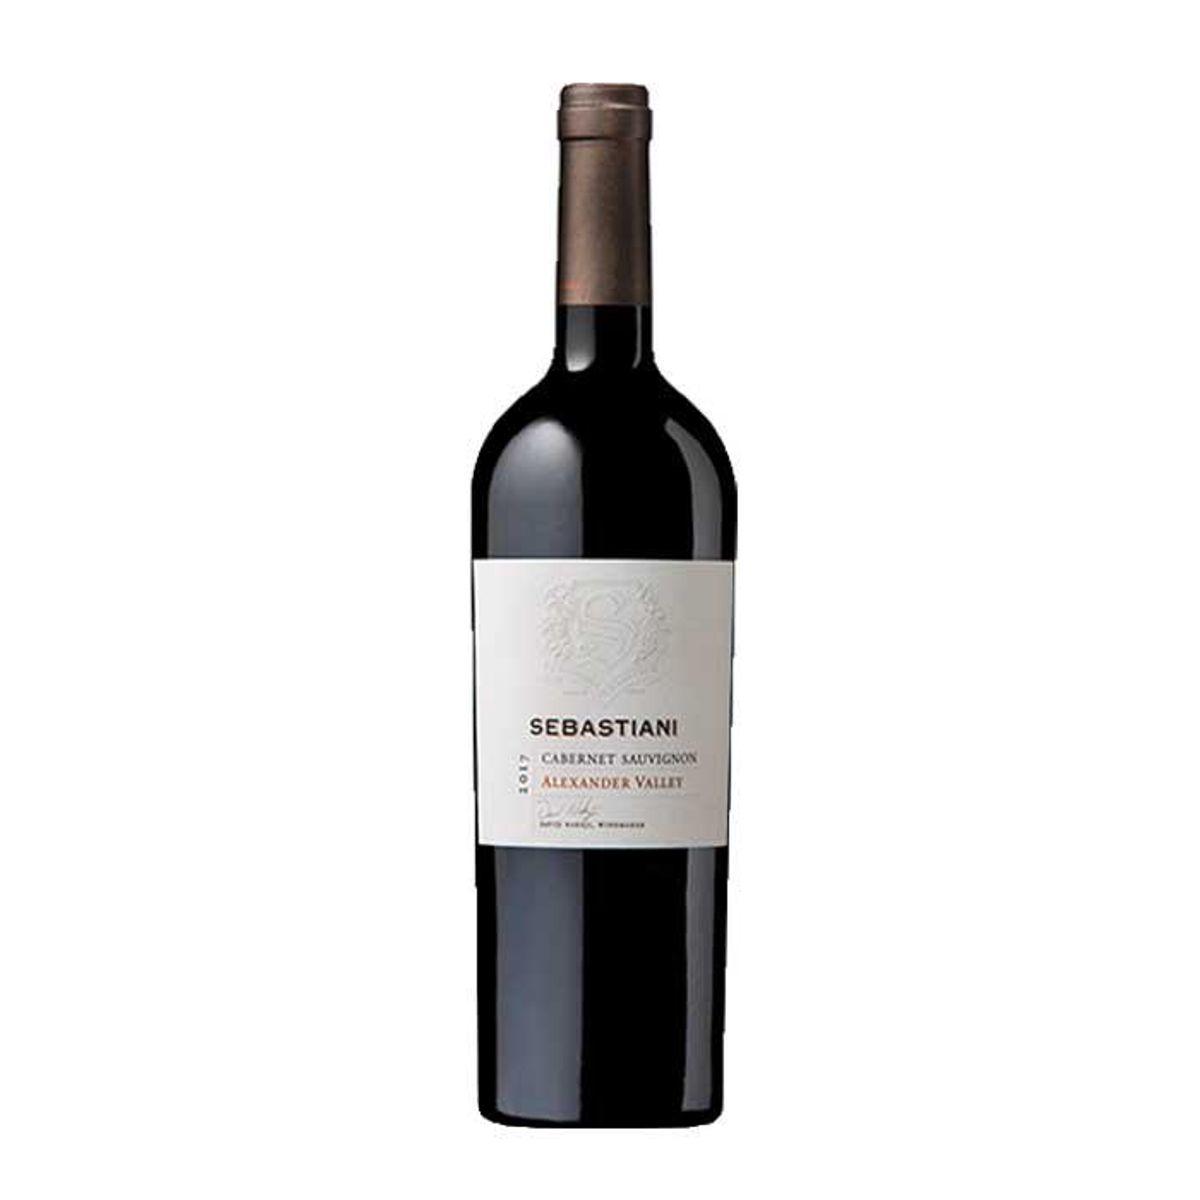 2017 sebastiani cabernet sauvignon alexander valley